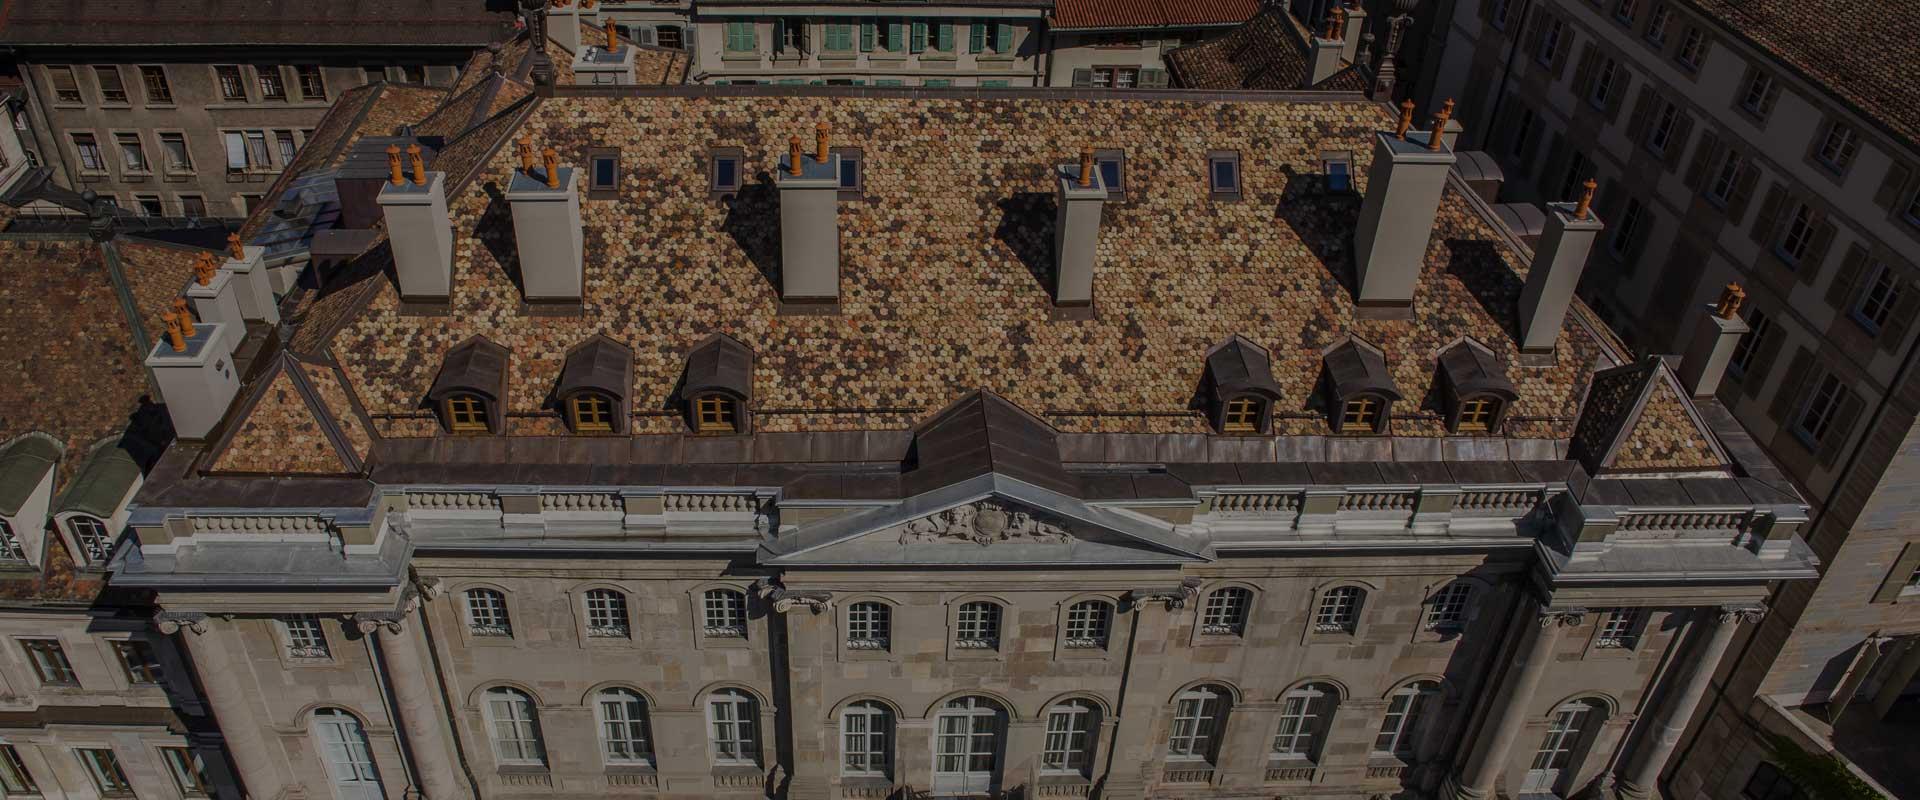 Macullo toiture<br />vu du ciel&#8230;